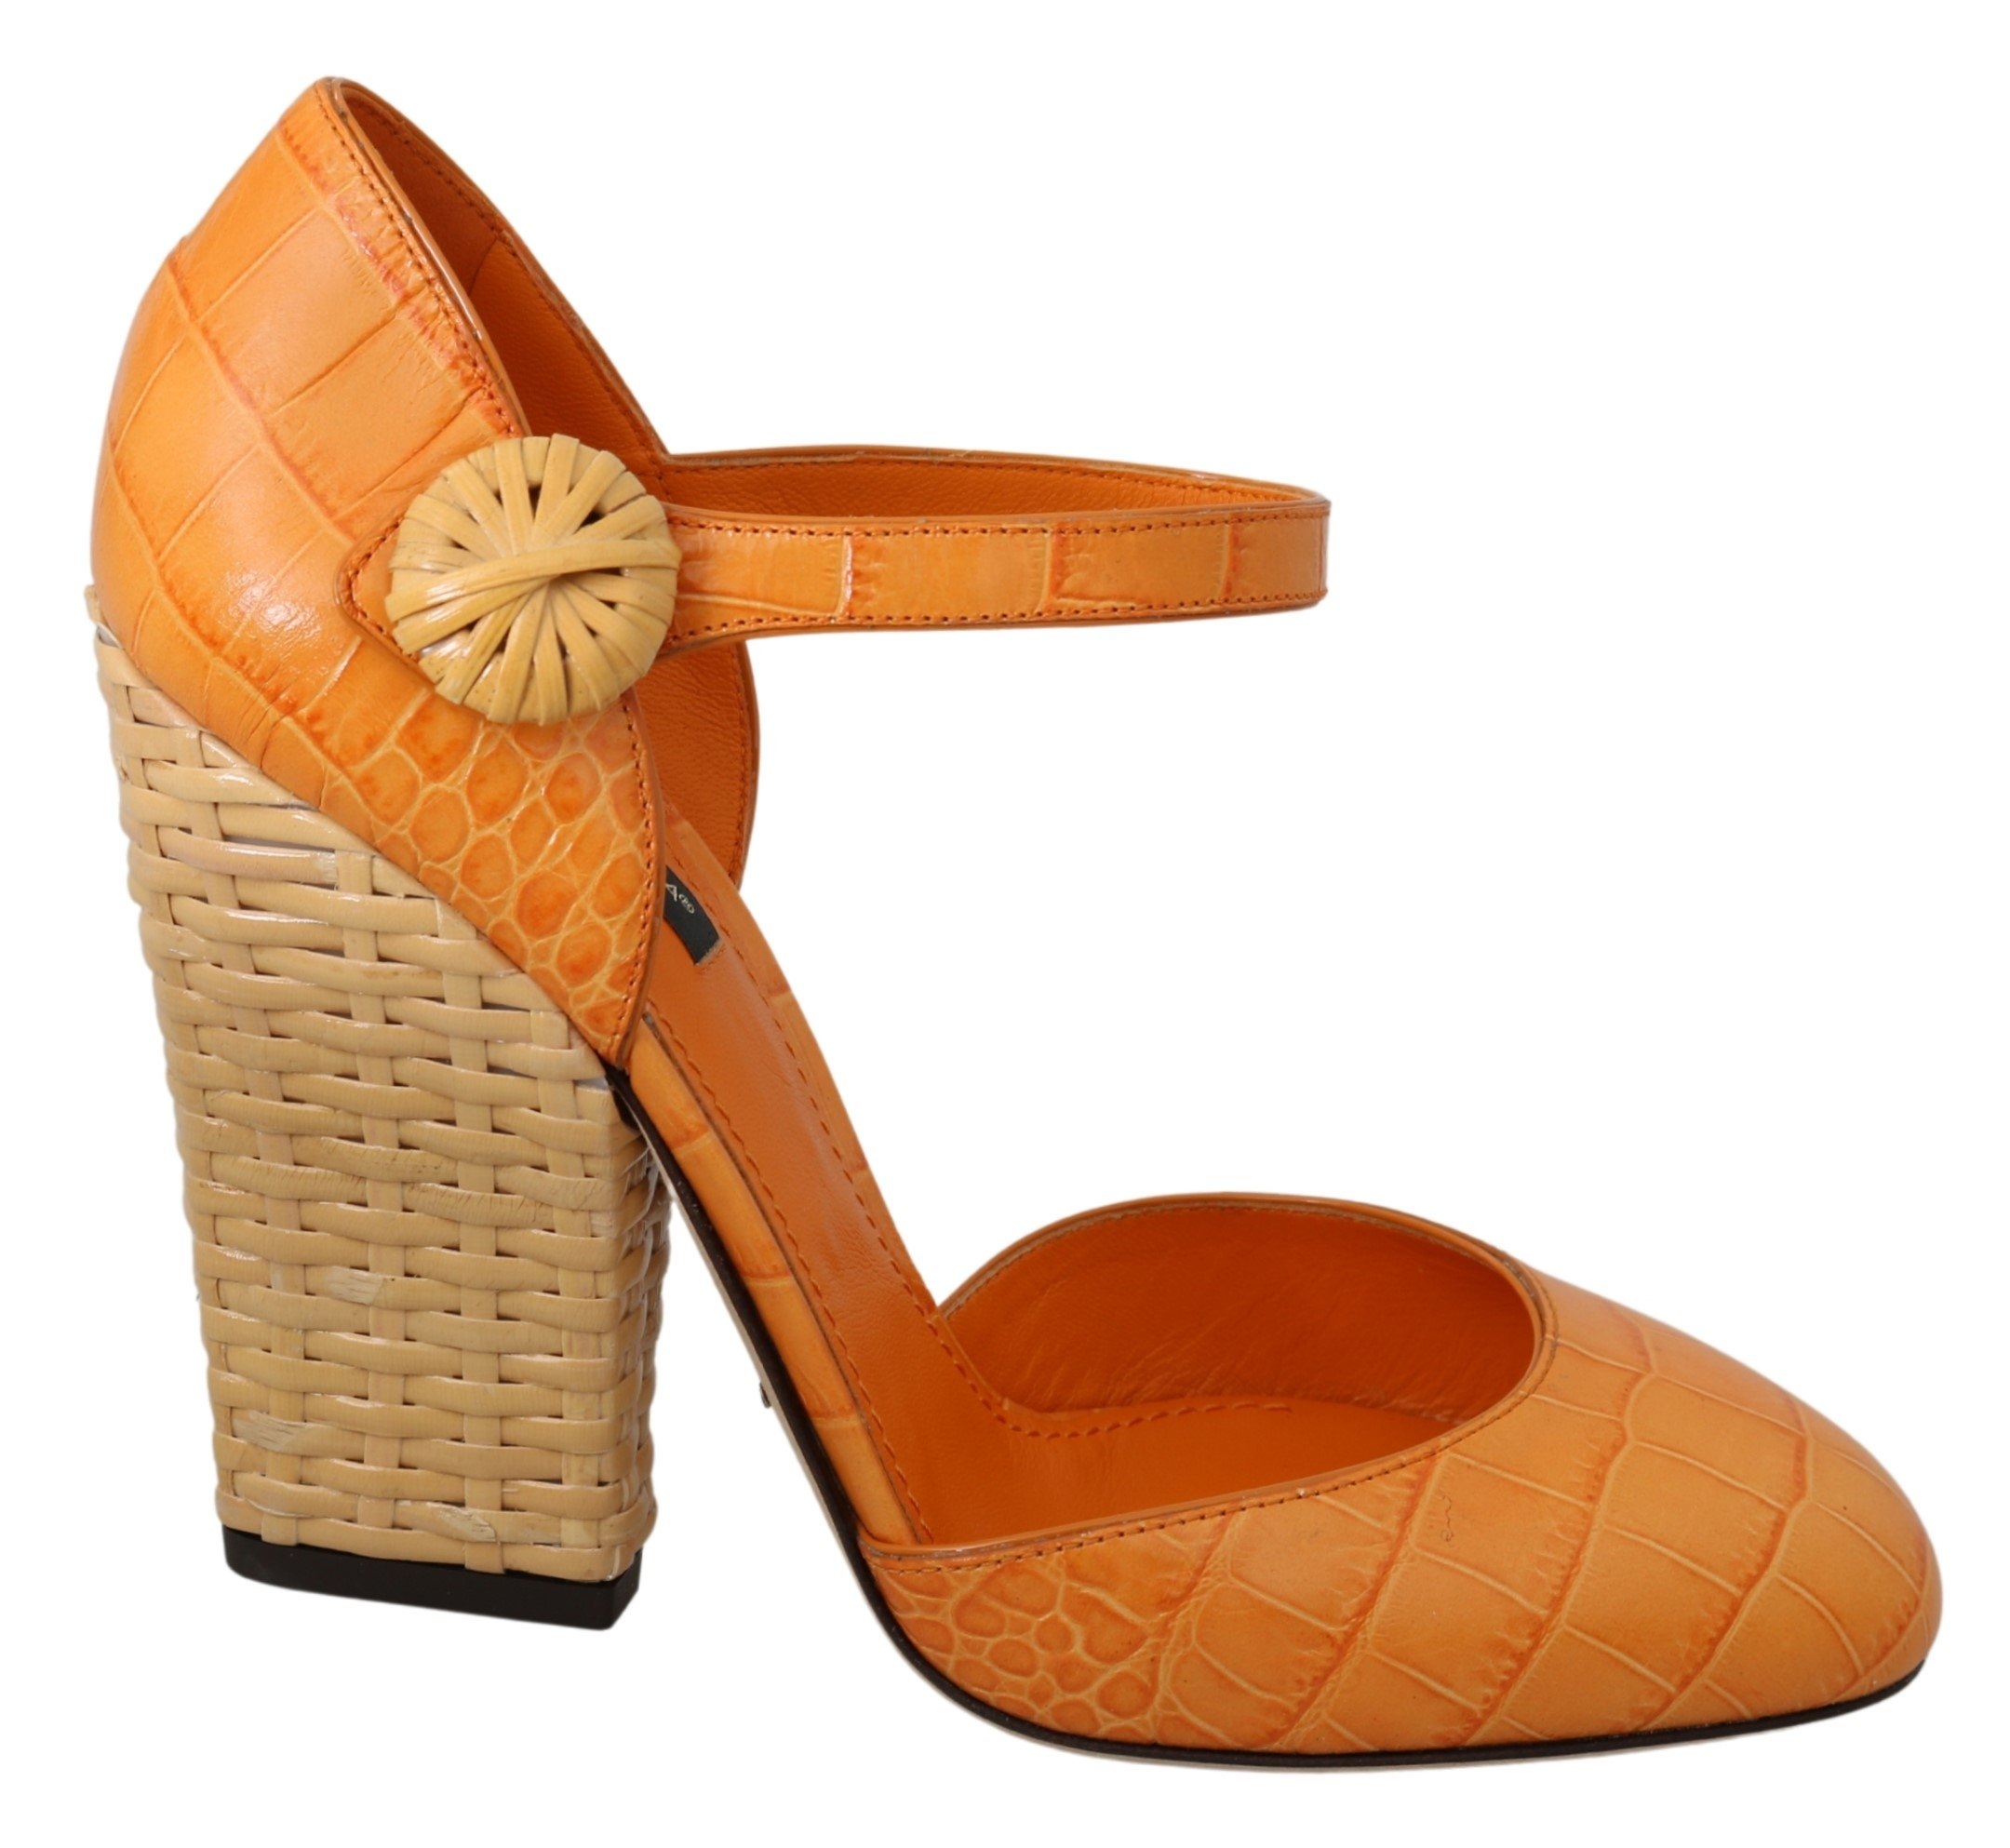 Dolce & Gabbana Women's Mary Jane Ankle Strap Heels Orange LA6961 - EU39/US8.5